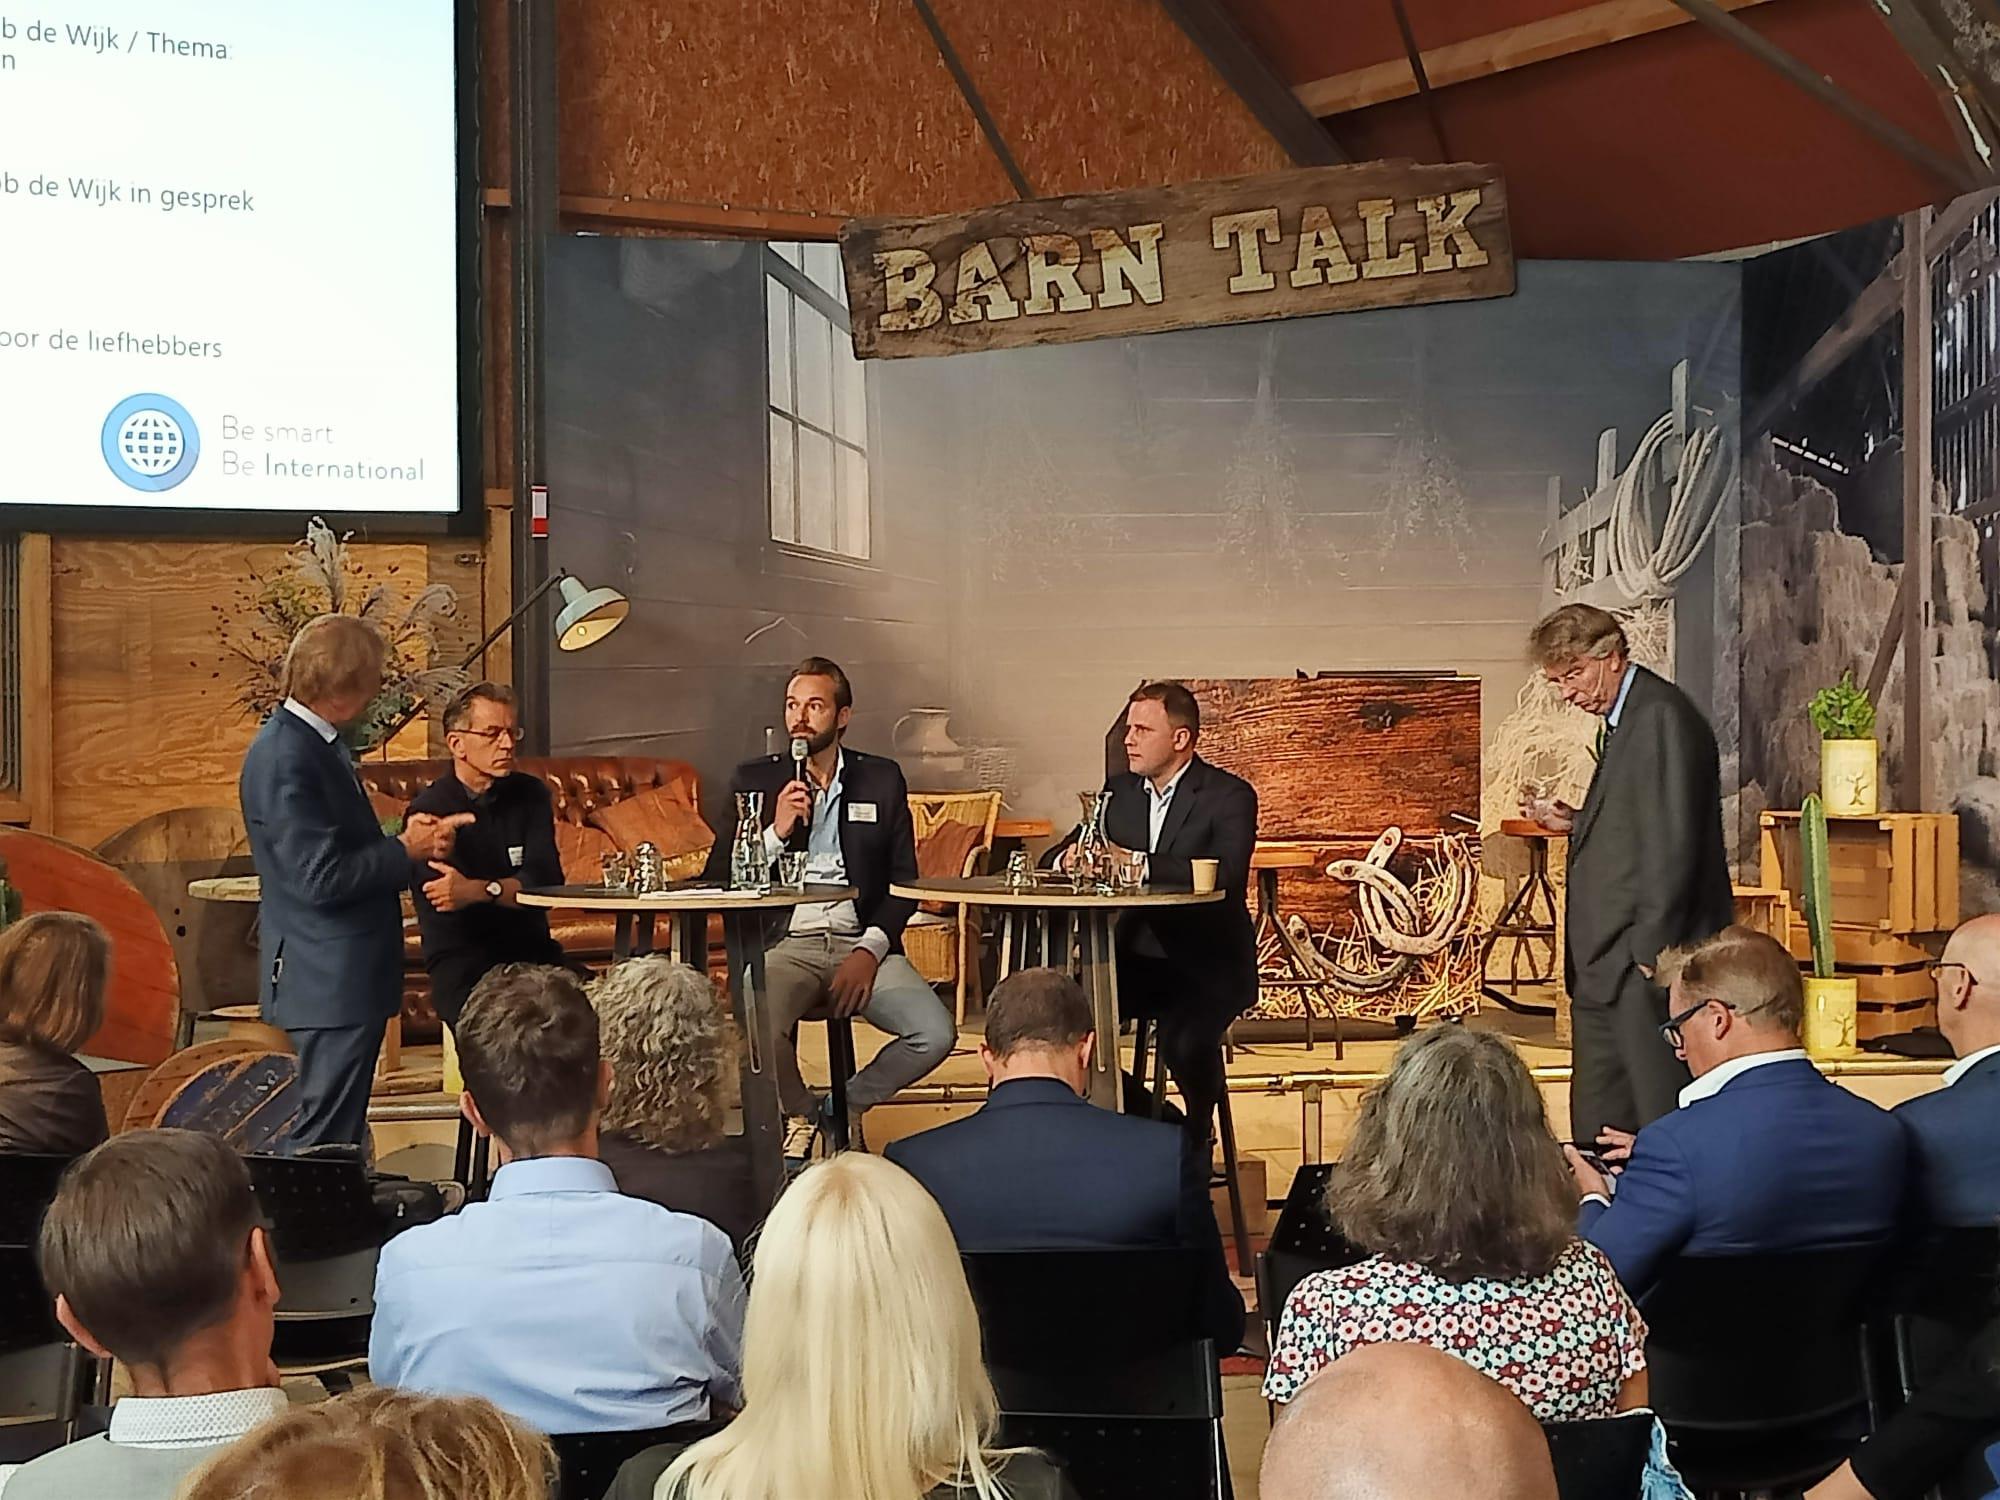 20210924 BSBI - Gastsprekers in gesprek met tafelgasten